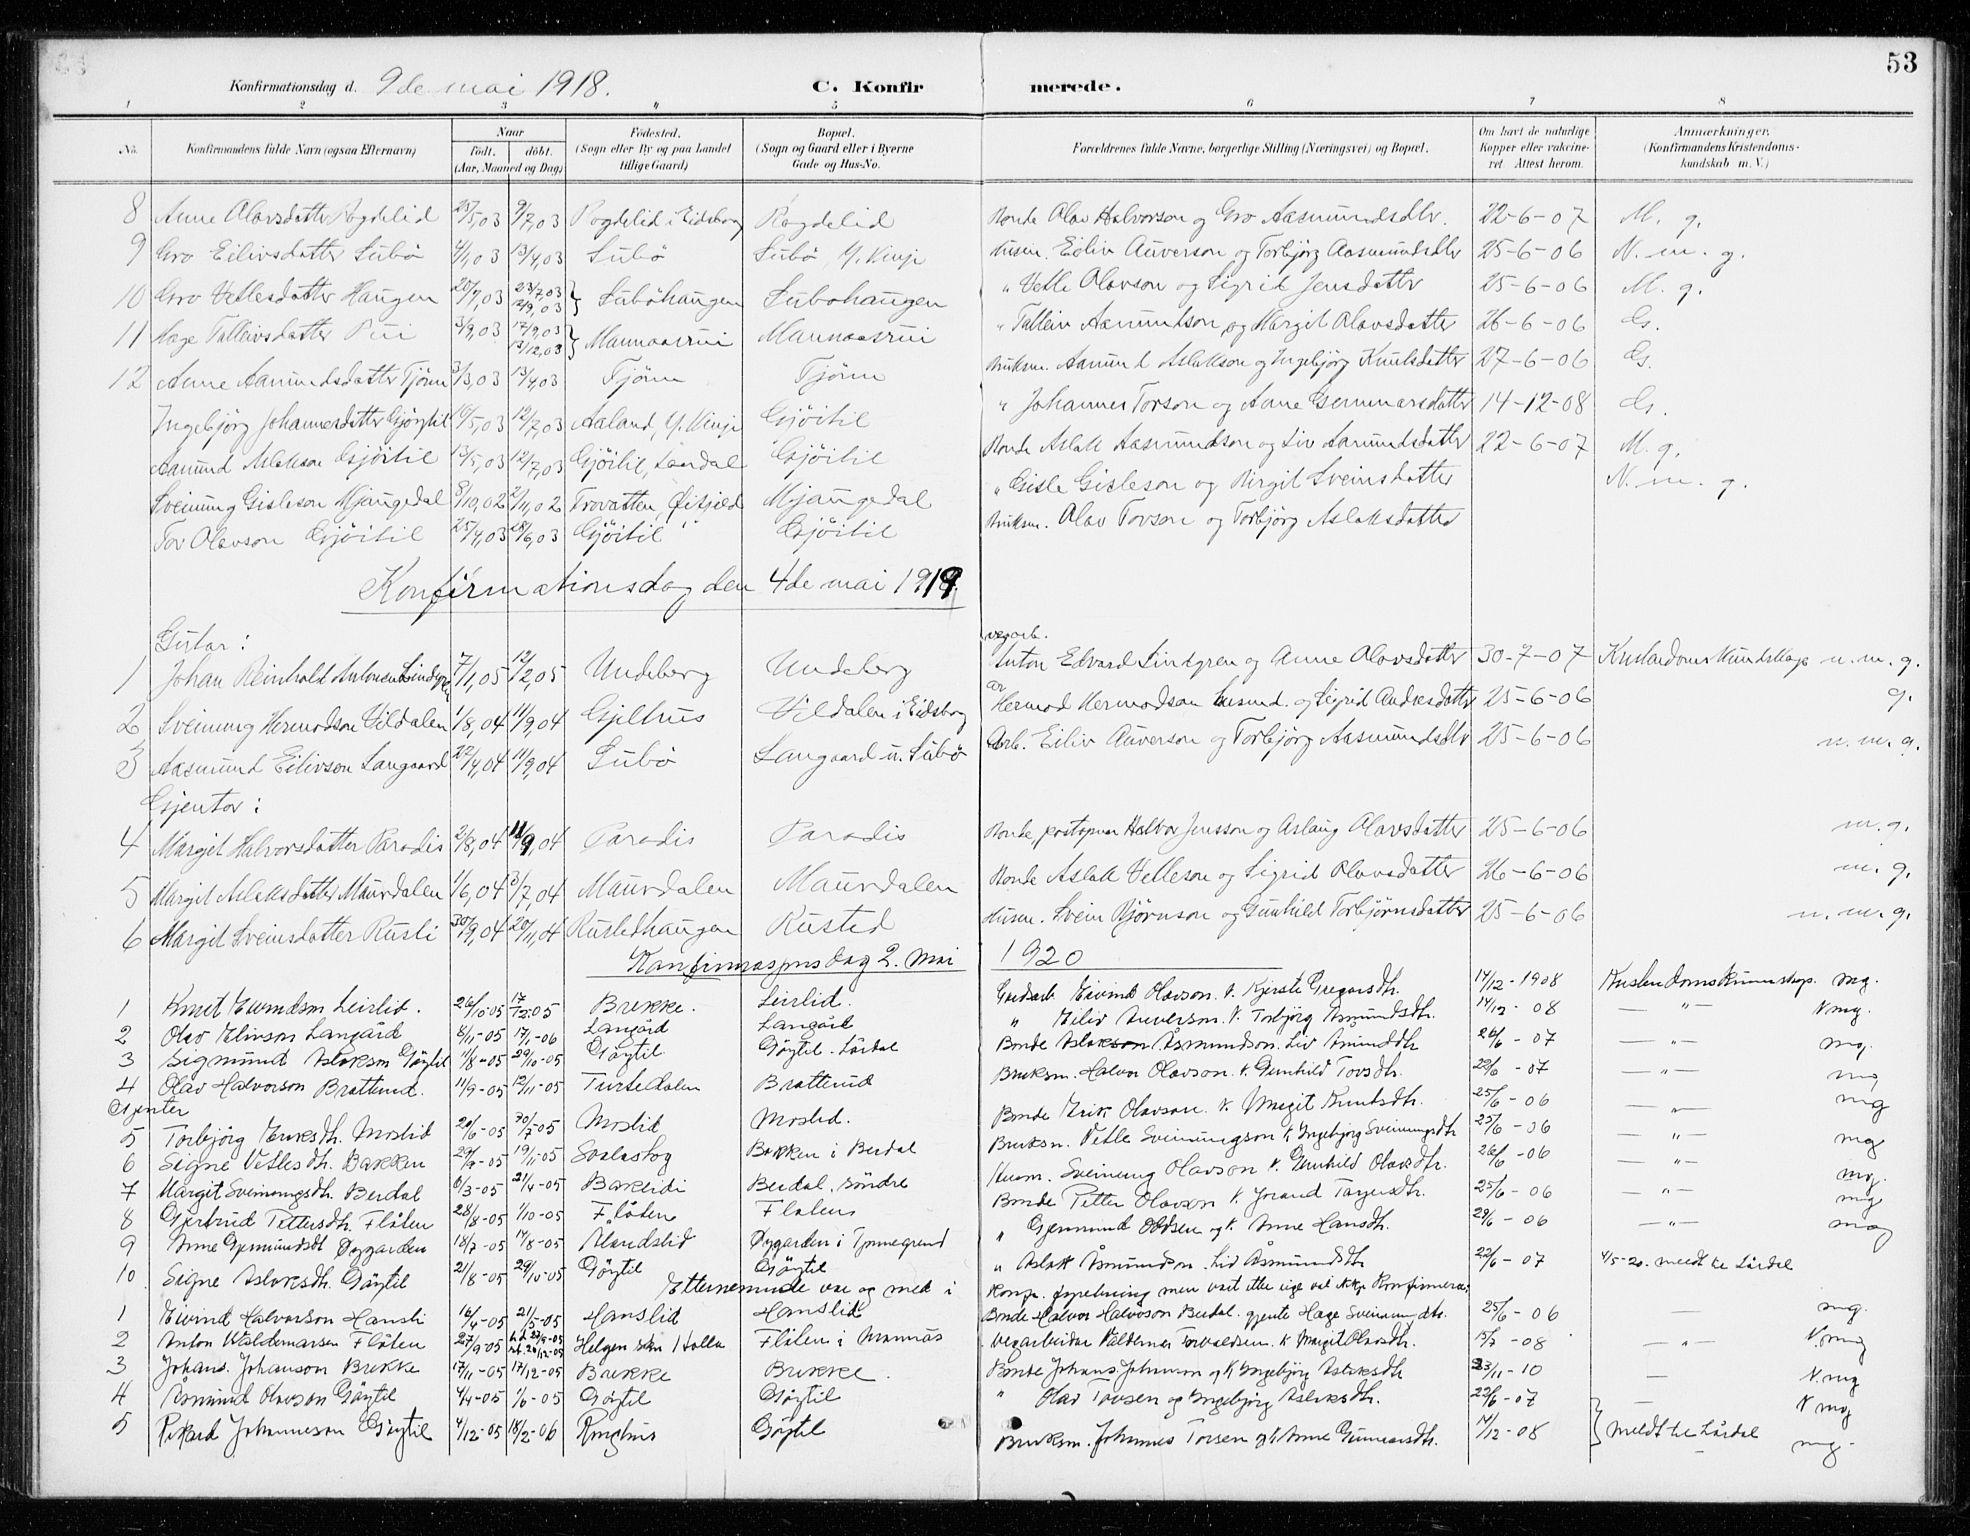 SAKO, Vinje kirkebøker, G/Gb/L0003: Klokkerbok nr. II 3, 1892-1943, s. 53